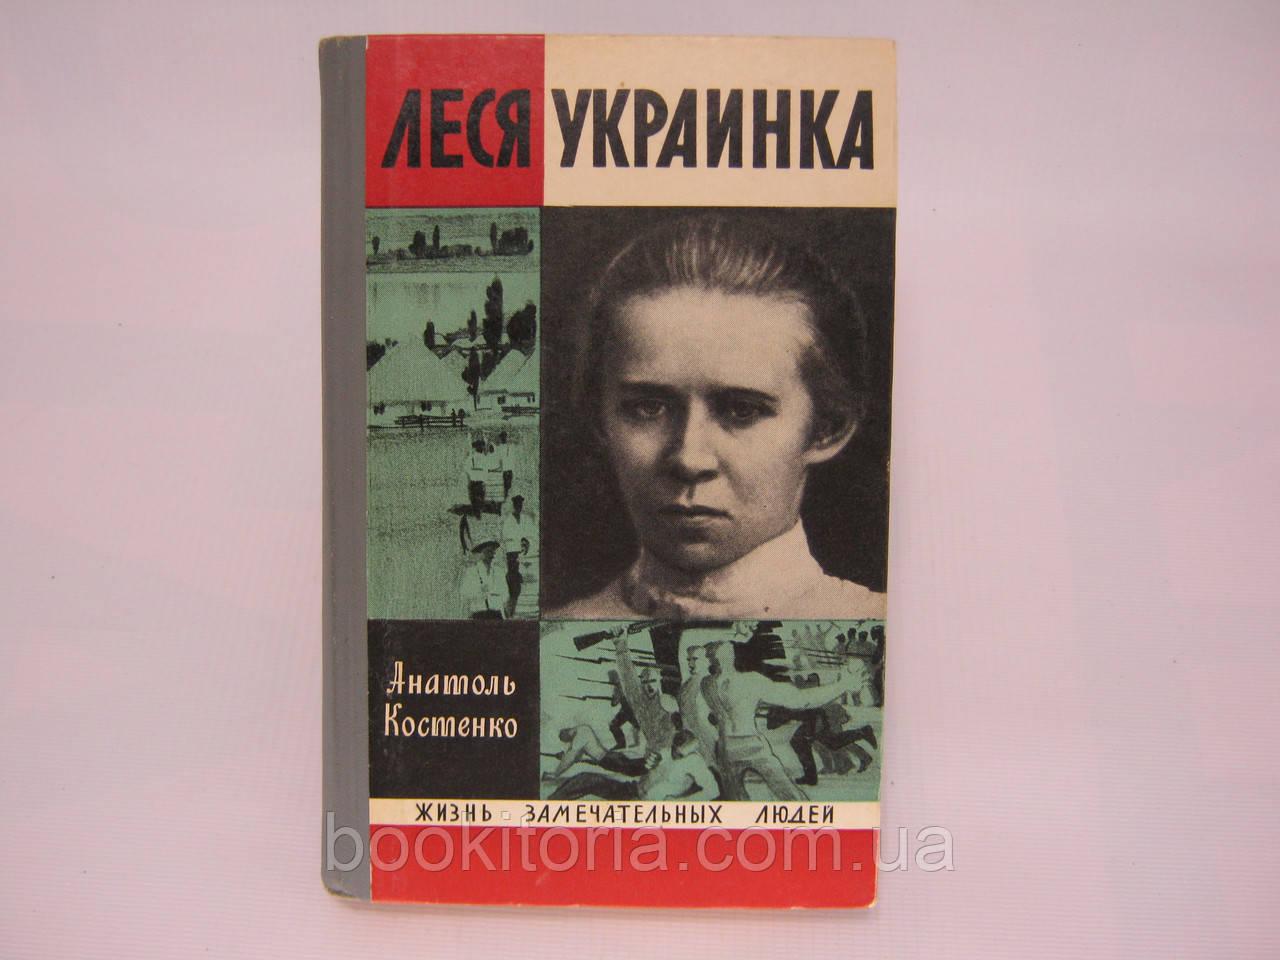 Костенко А. Леся Украинка (б/у).